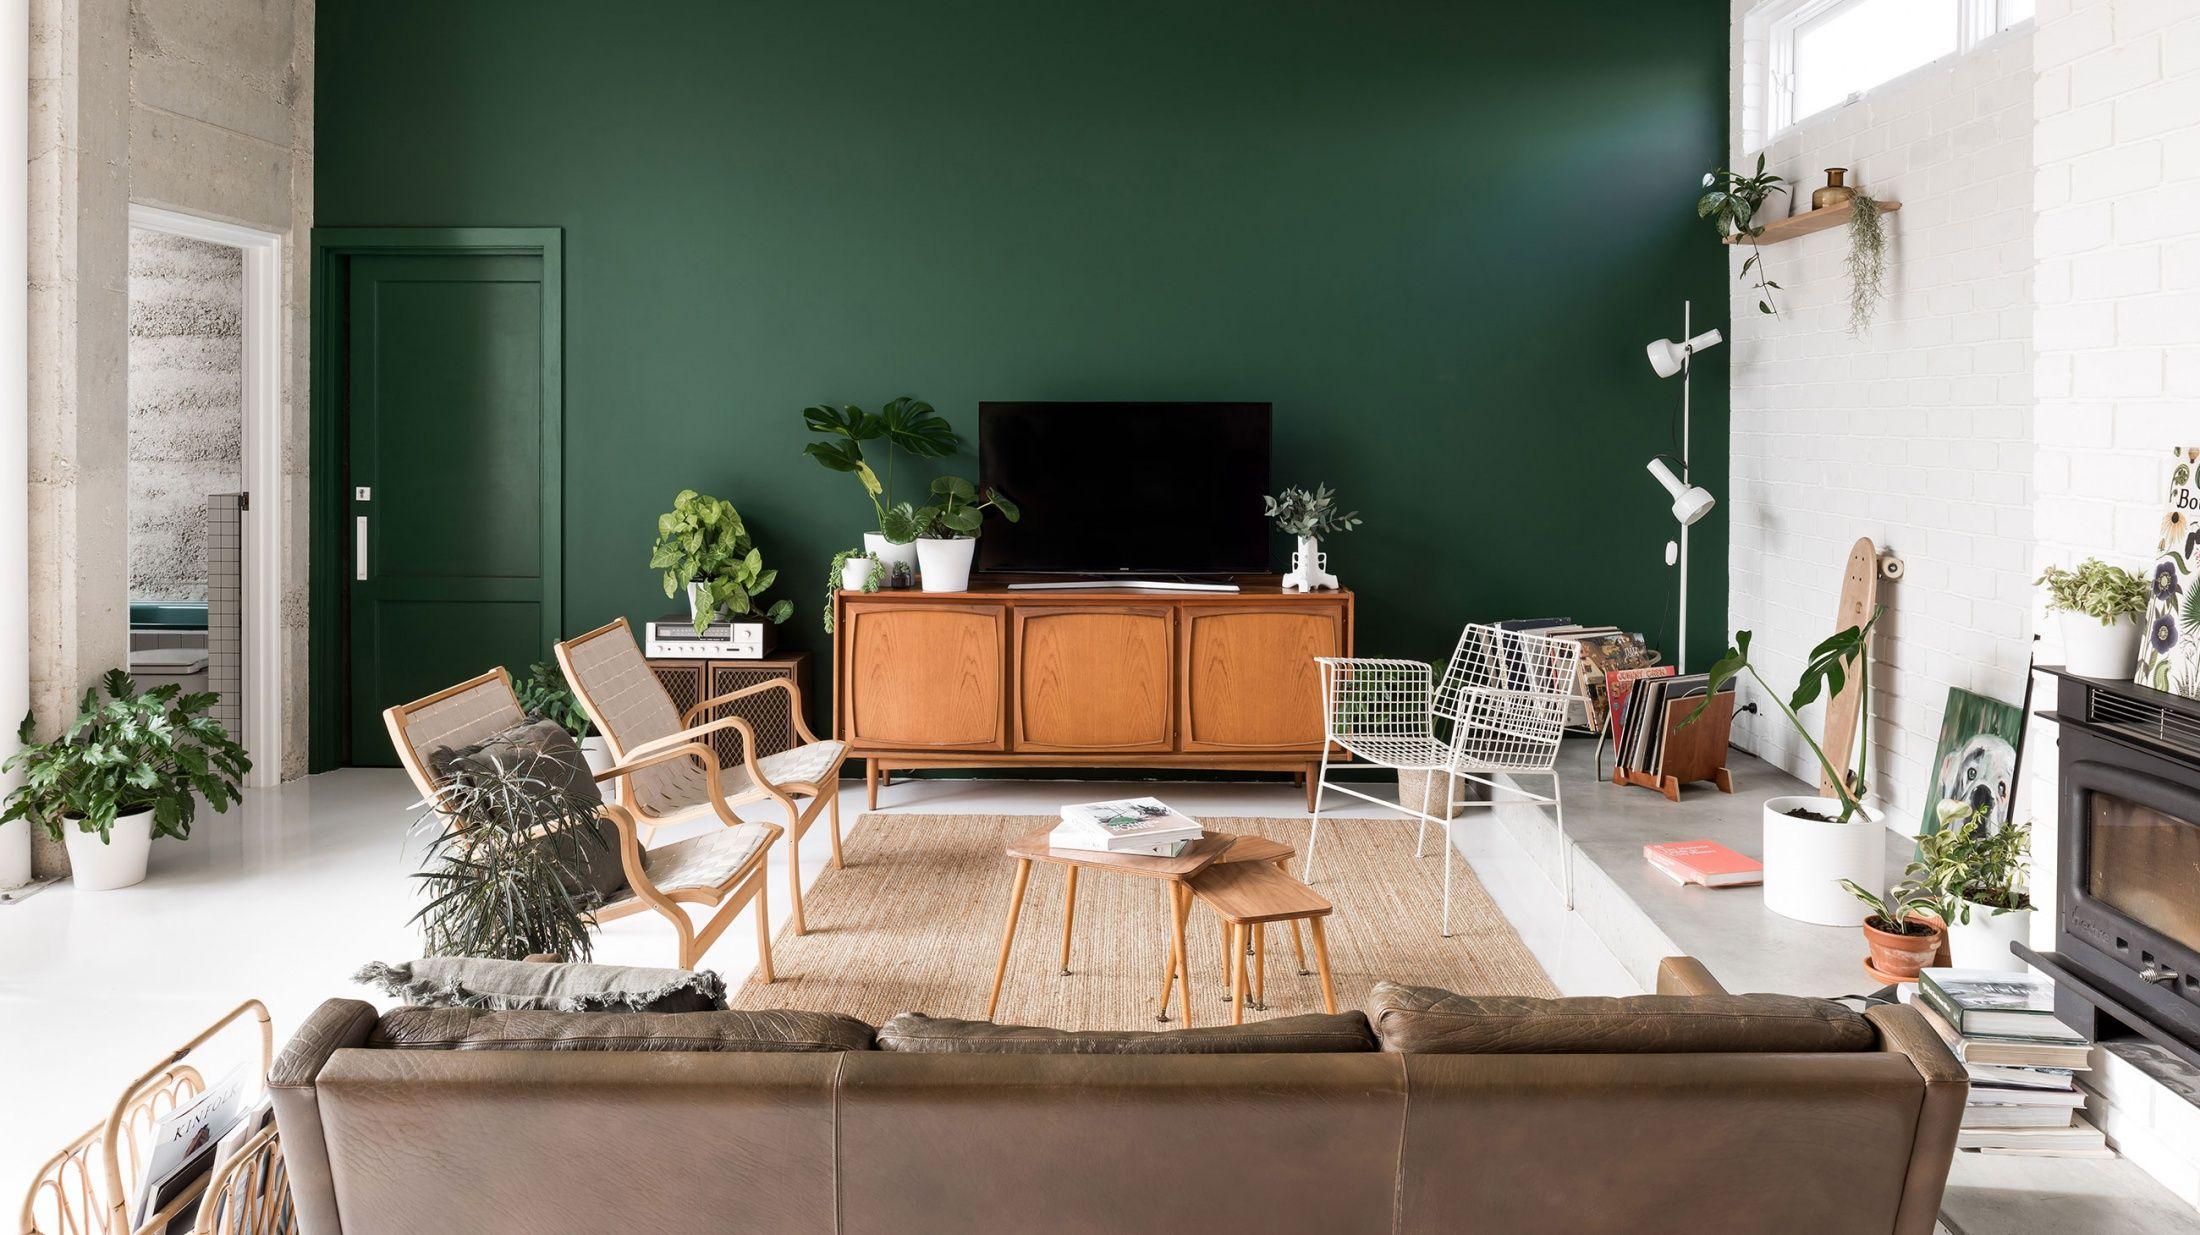 Dark green walls mcm plants white floors relaxed modern living room design